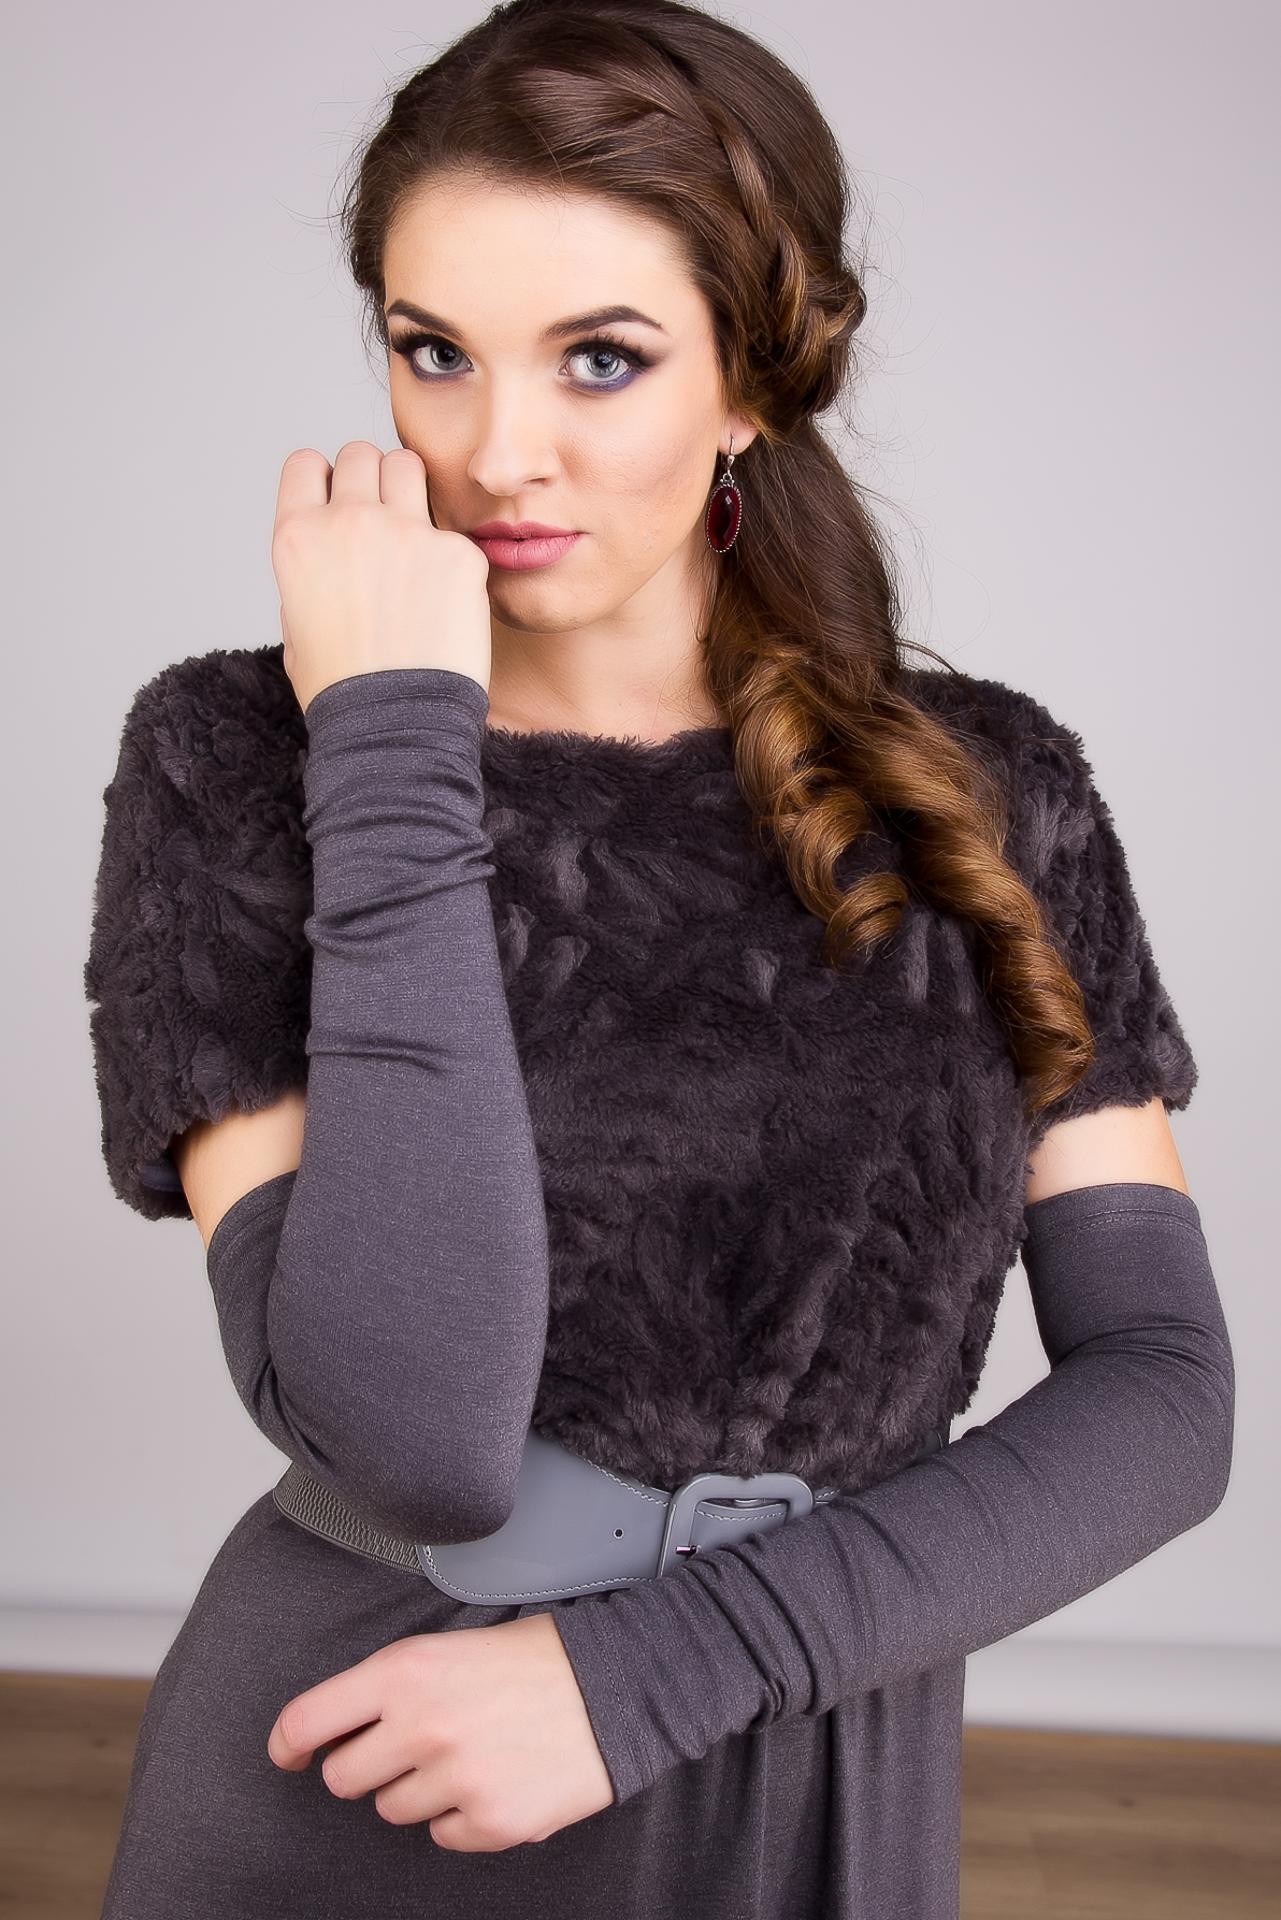 Скидки до 50% на стильную одежду от молодого российского дизайнера. И новая осенне-зимняя коллекция для девушек и женщин, желающих выделиться в толпе.